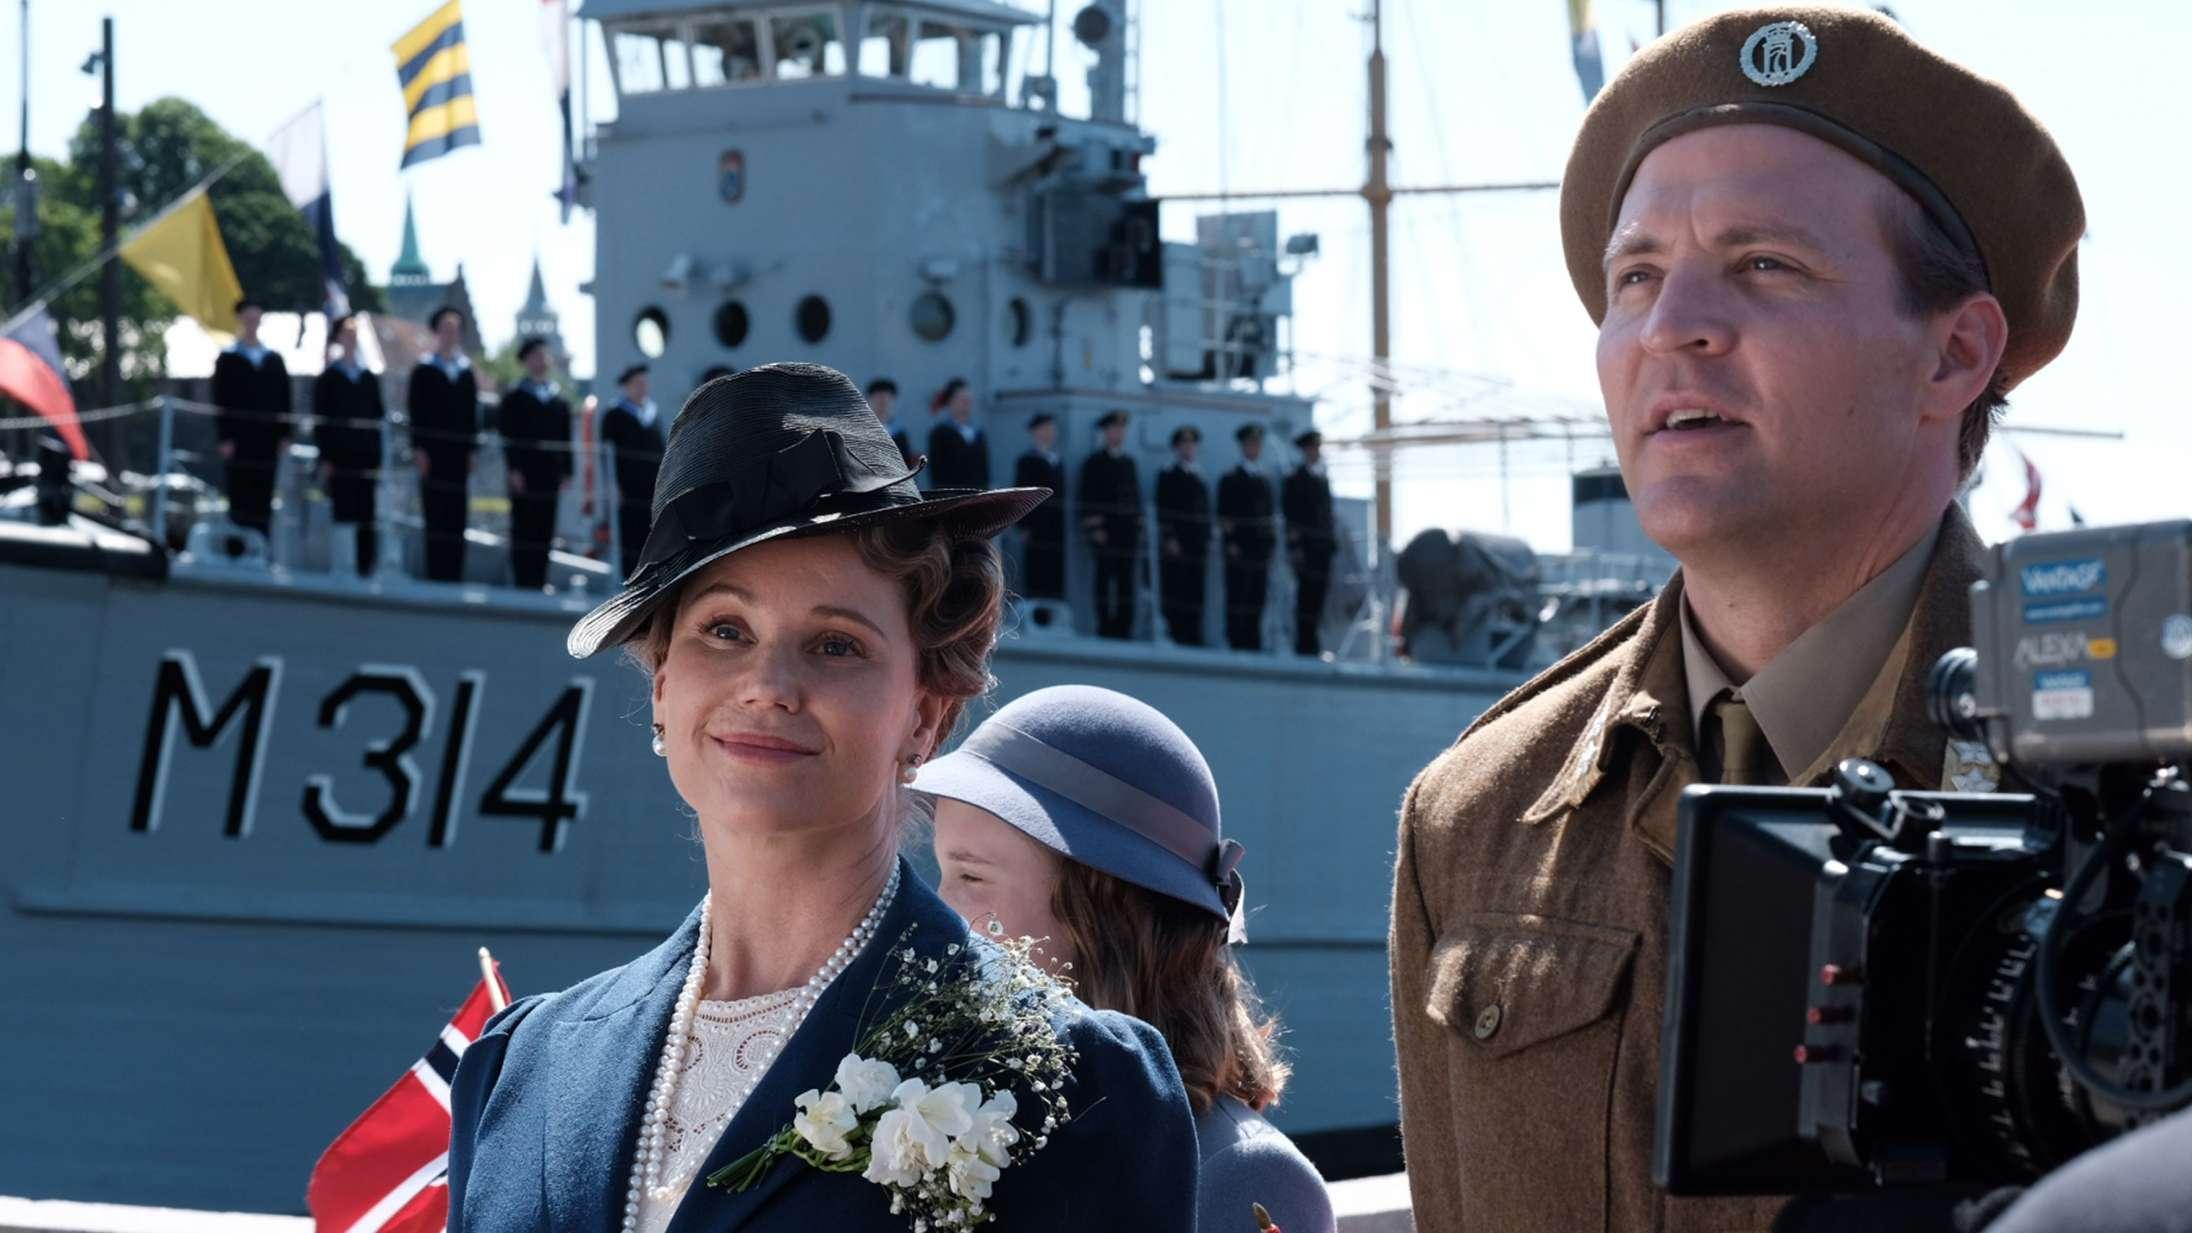 'Atlantic Crossing': Norsk hitserie lukker os aldrig helt ind i Kronprinsessens gemakker